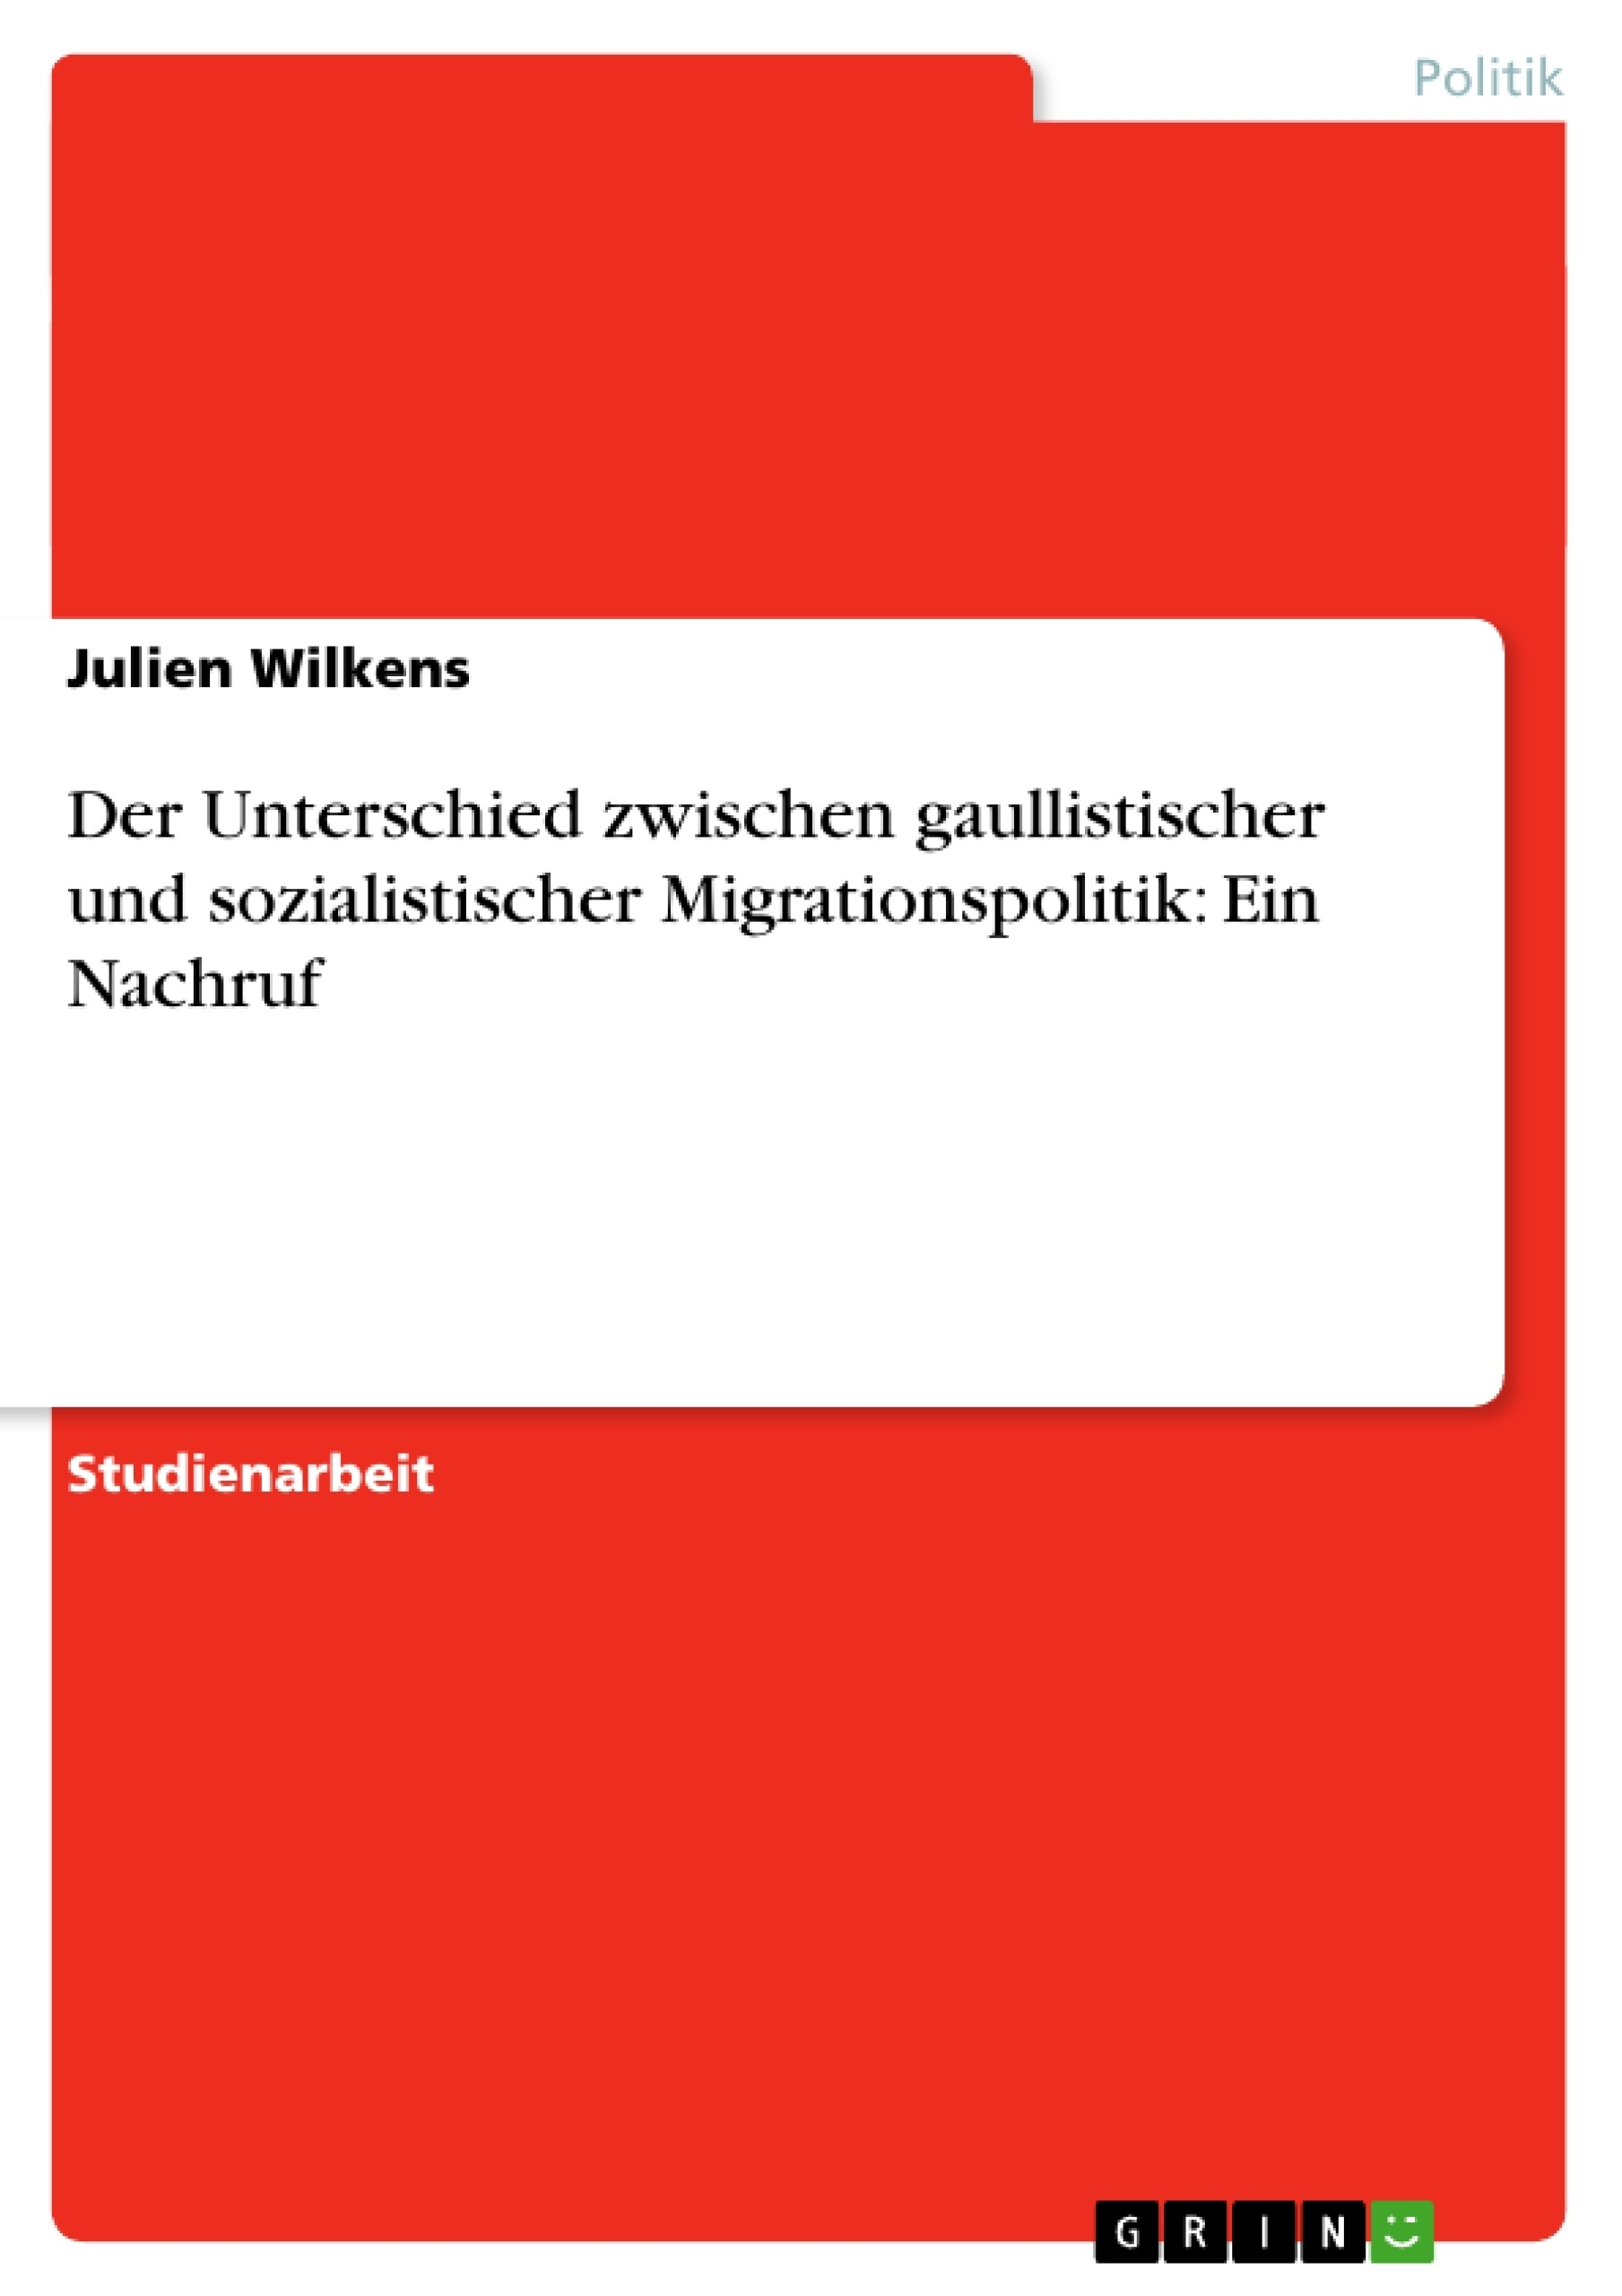 Titel: Der Unterschied zwischen gaullistischer und sozialistischer Migrationspolitik: Ein Nachruf